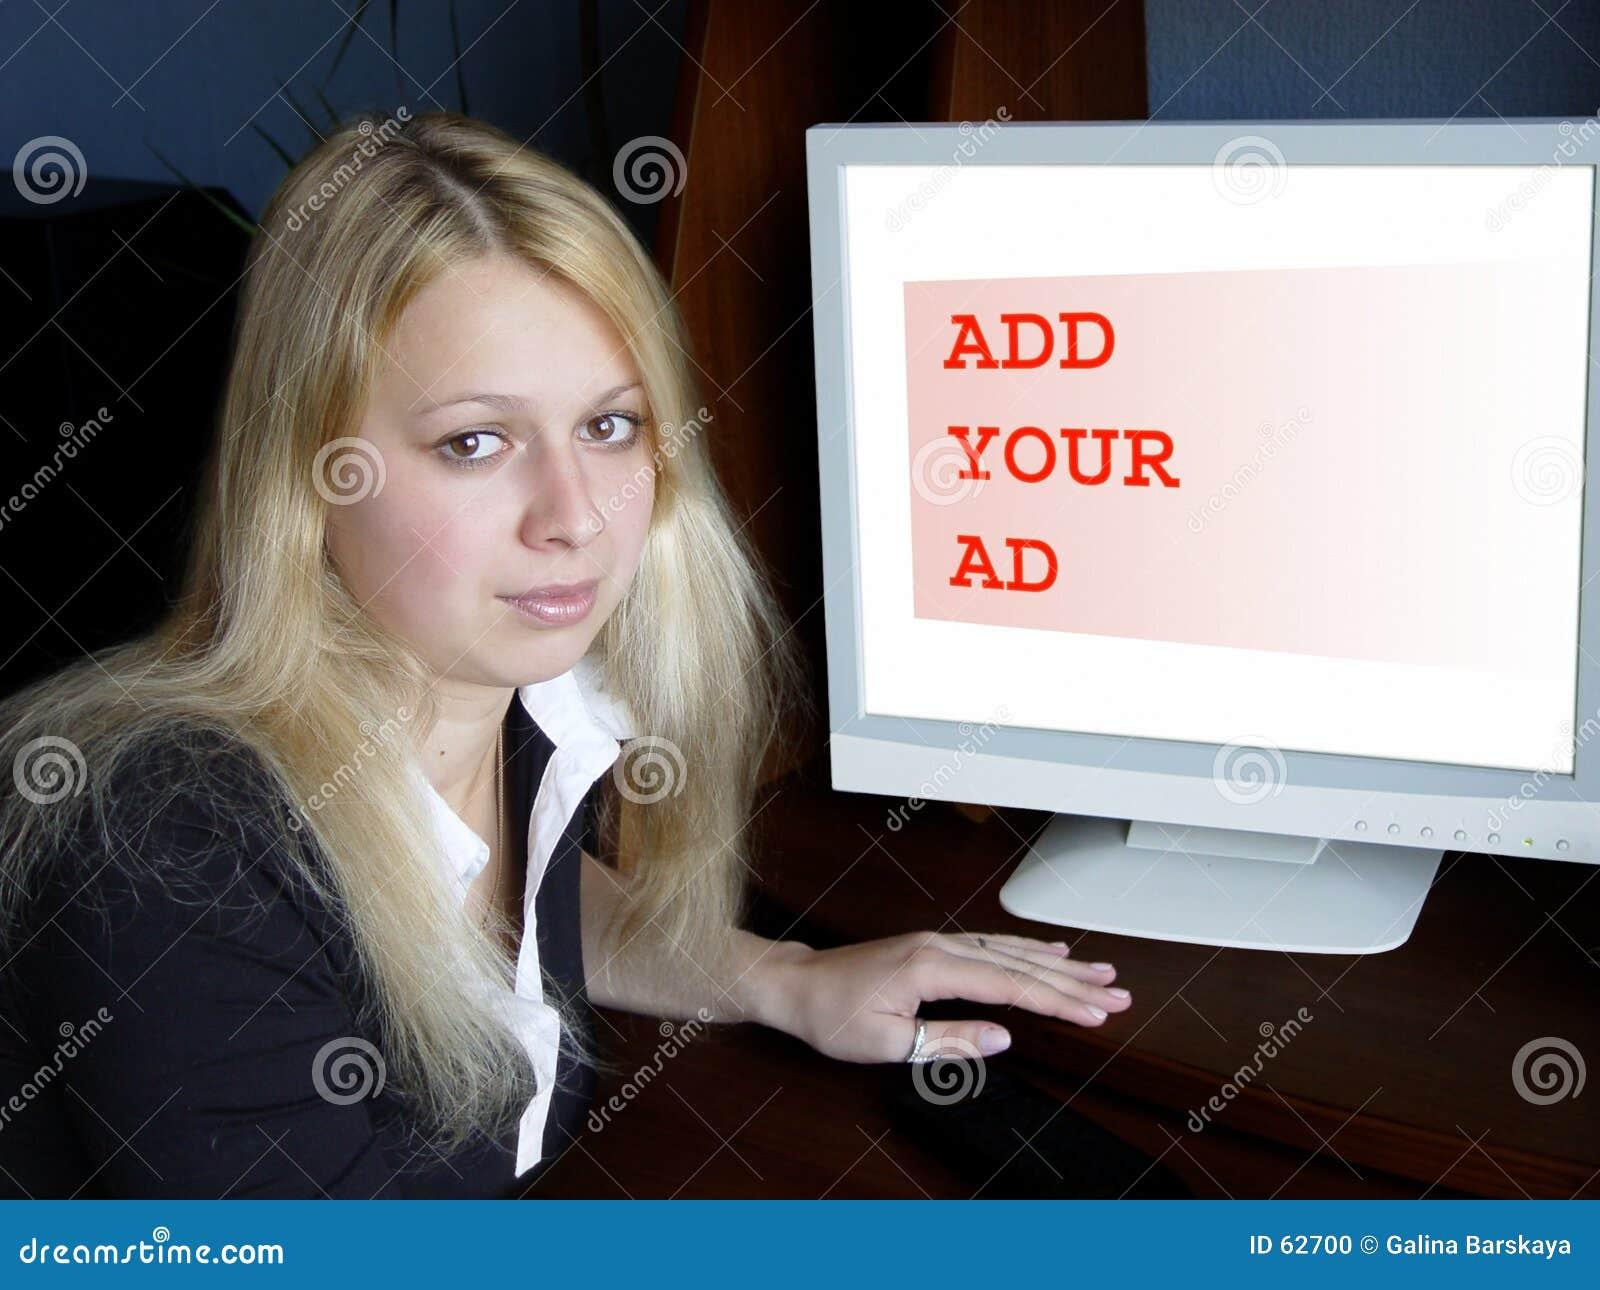 объявление добавляет ваше